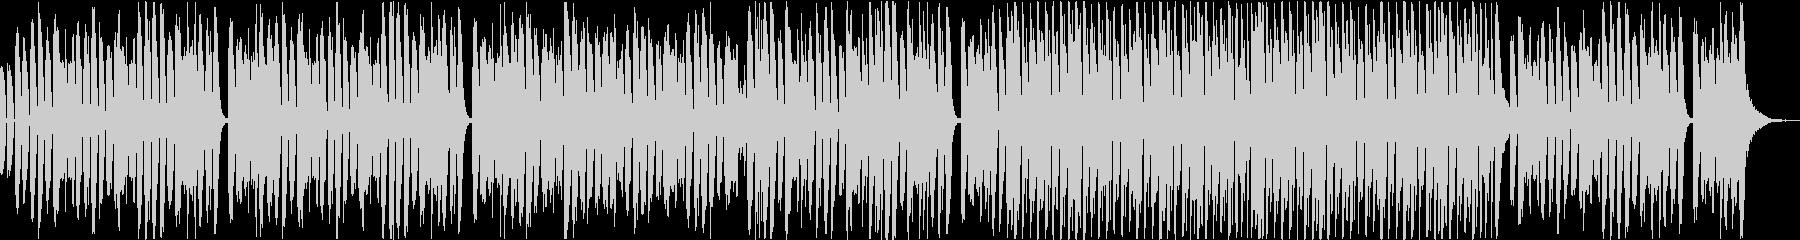 ピアノとダンスミュージックのミックスの未再生の波形